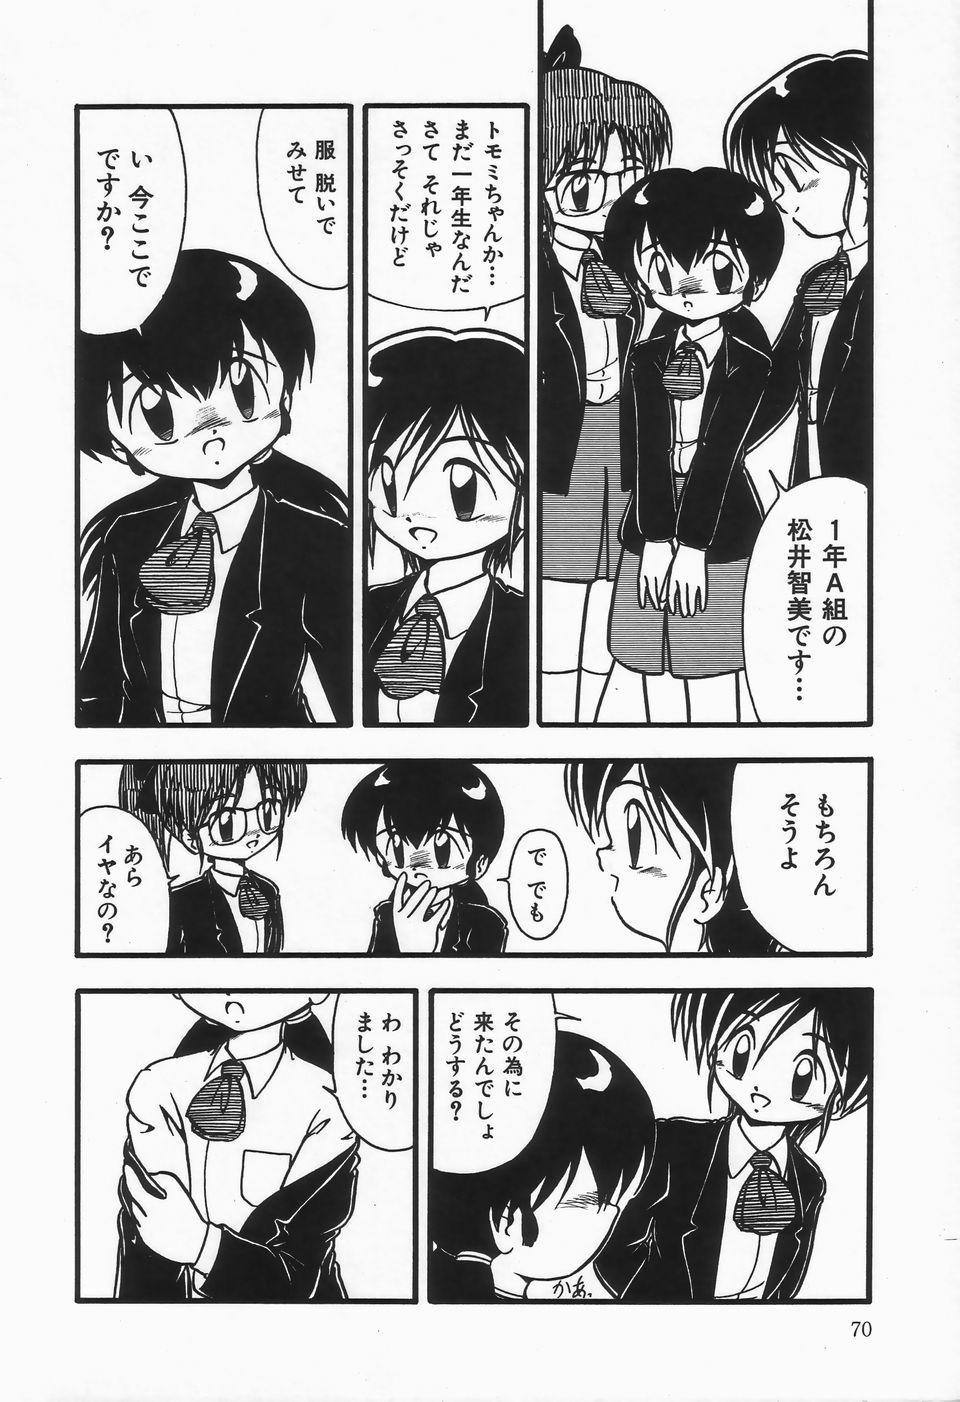 Mizu no Iro Kaze no Iro 73